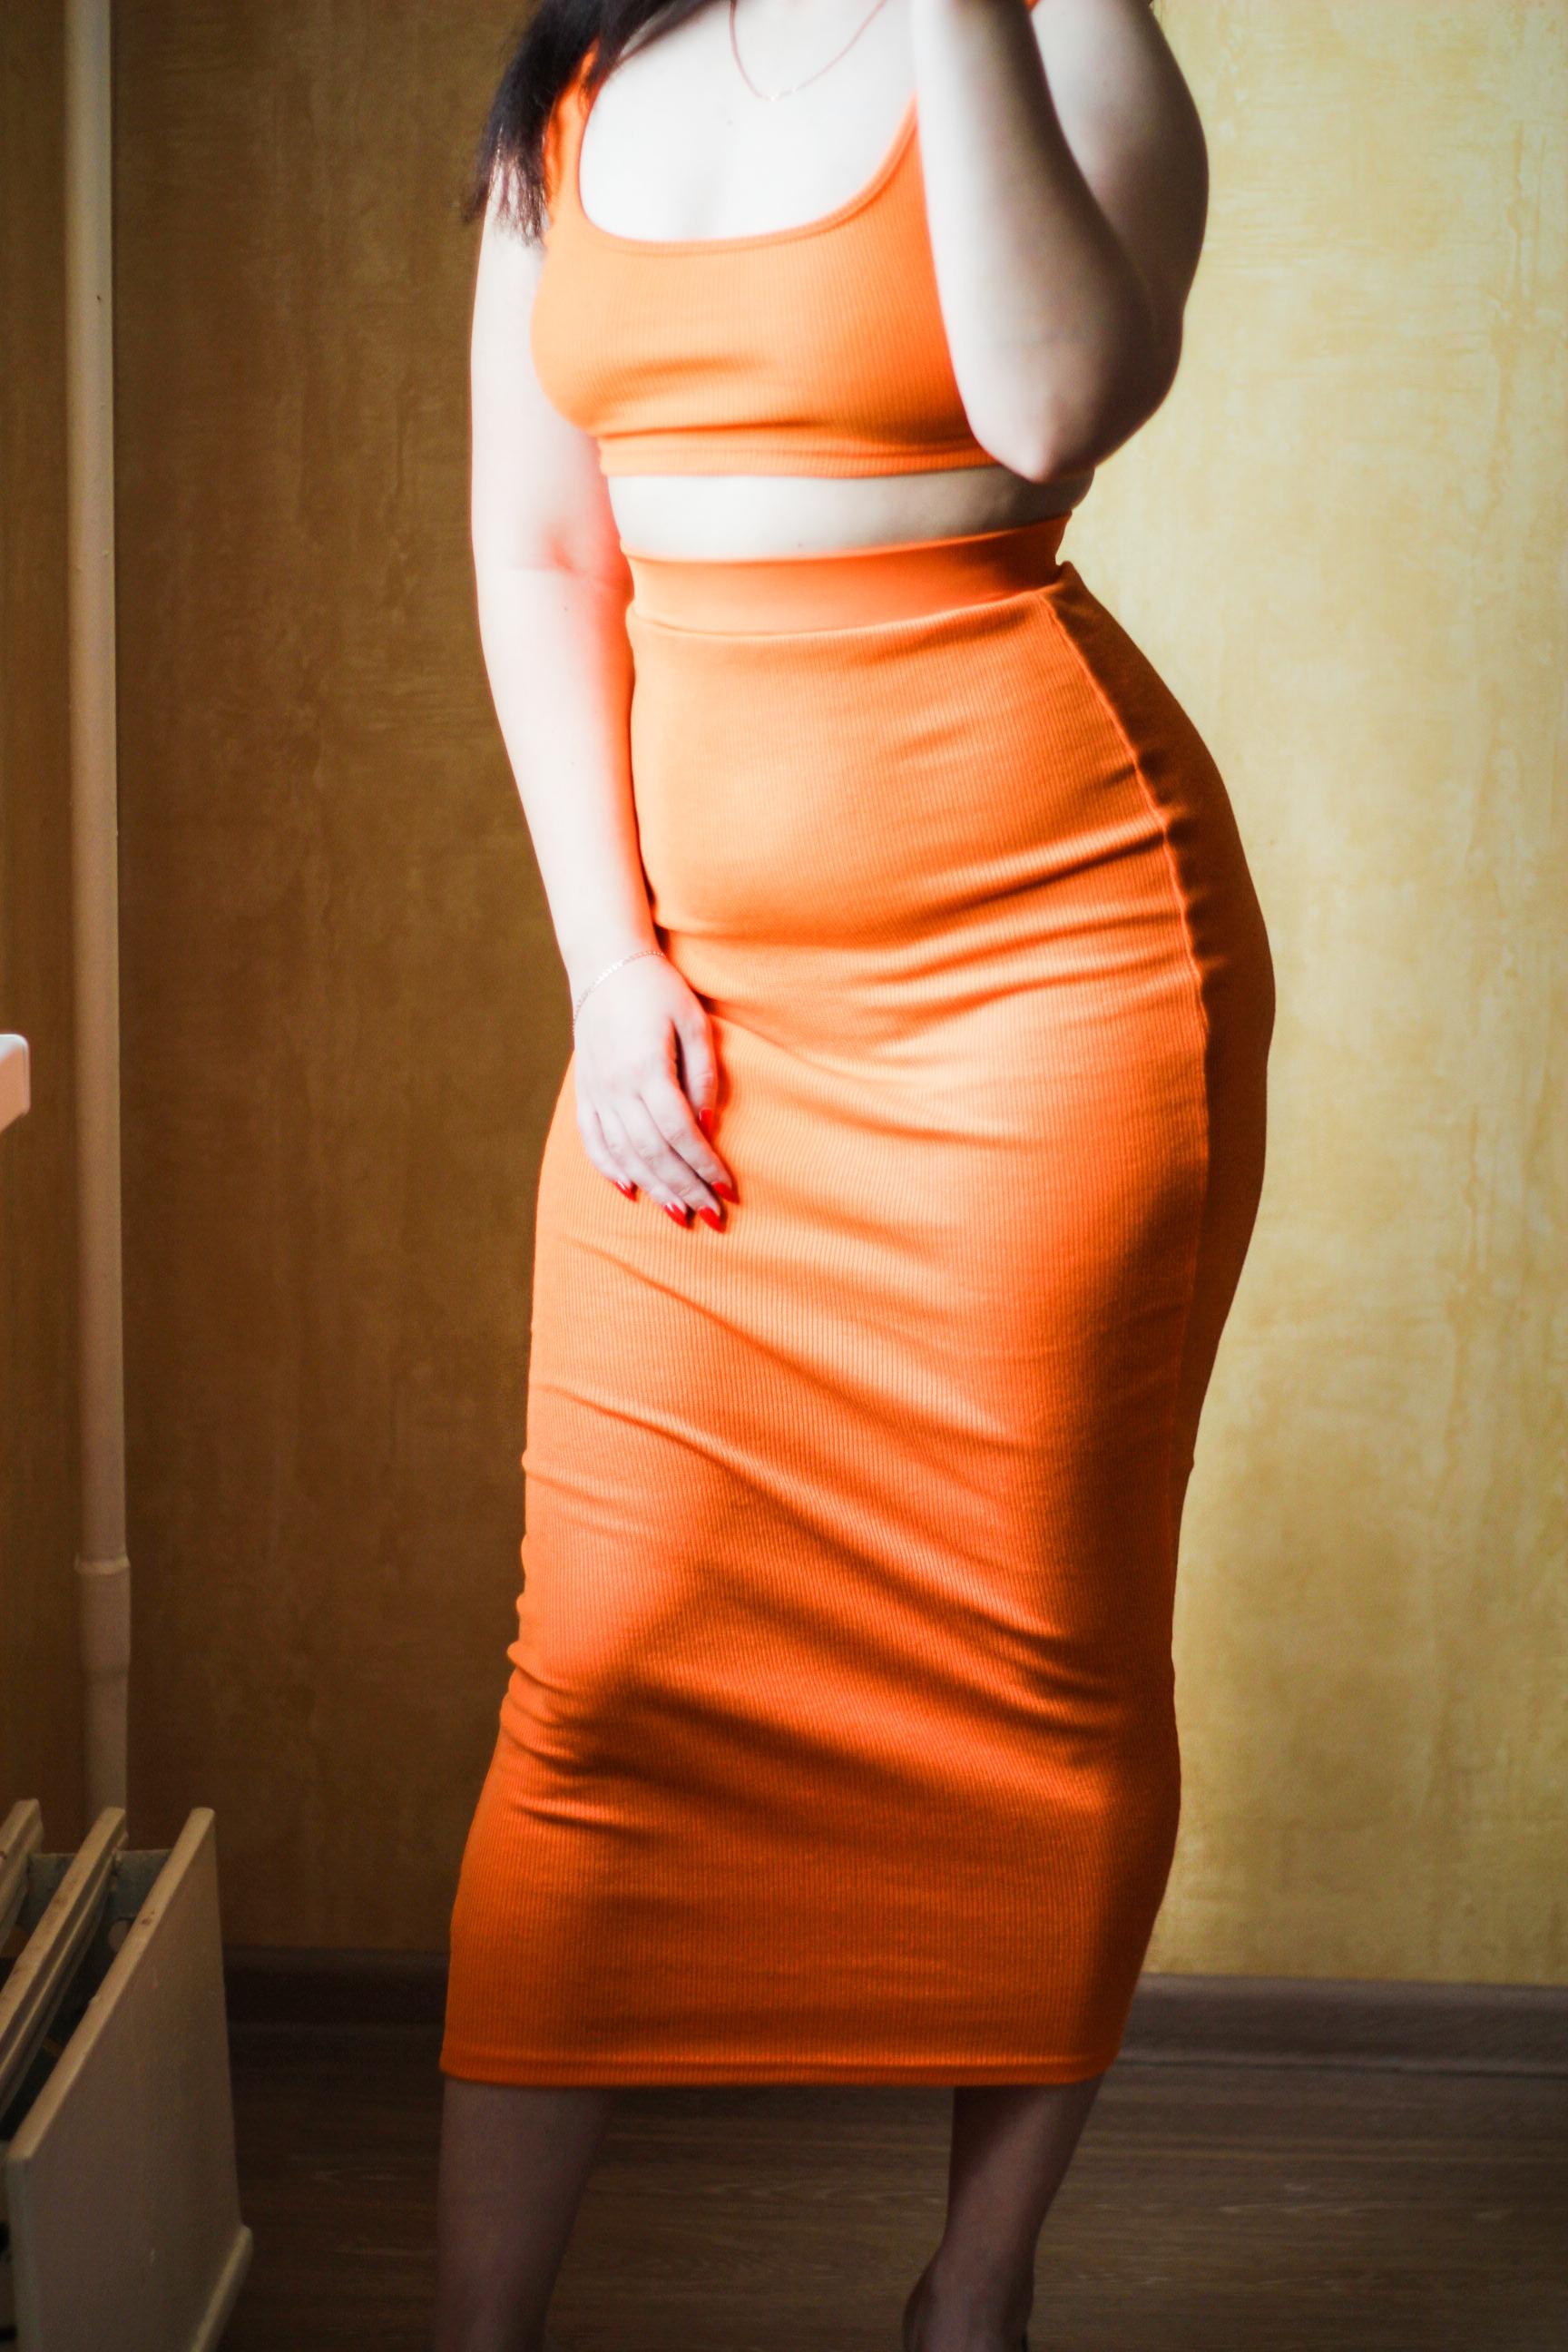 Сексуальный комплект из юбки и топа для фигуристых